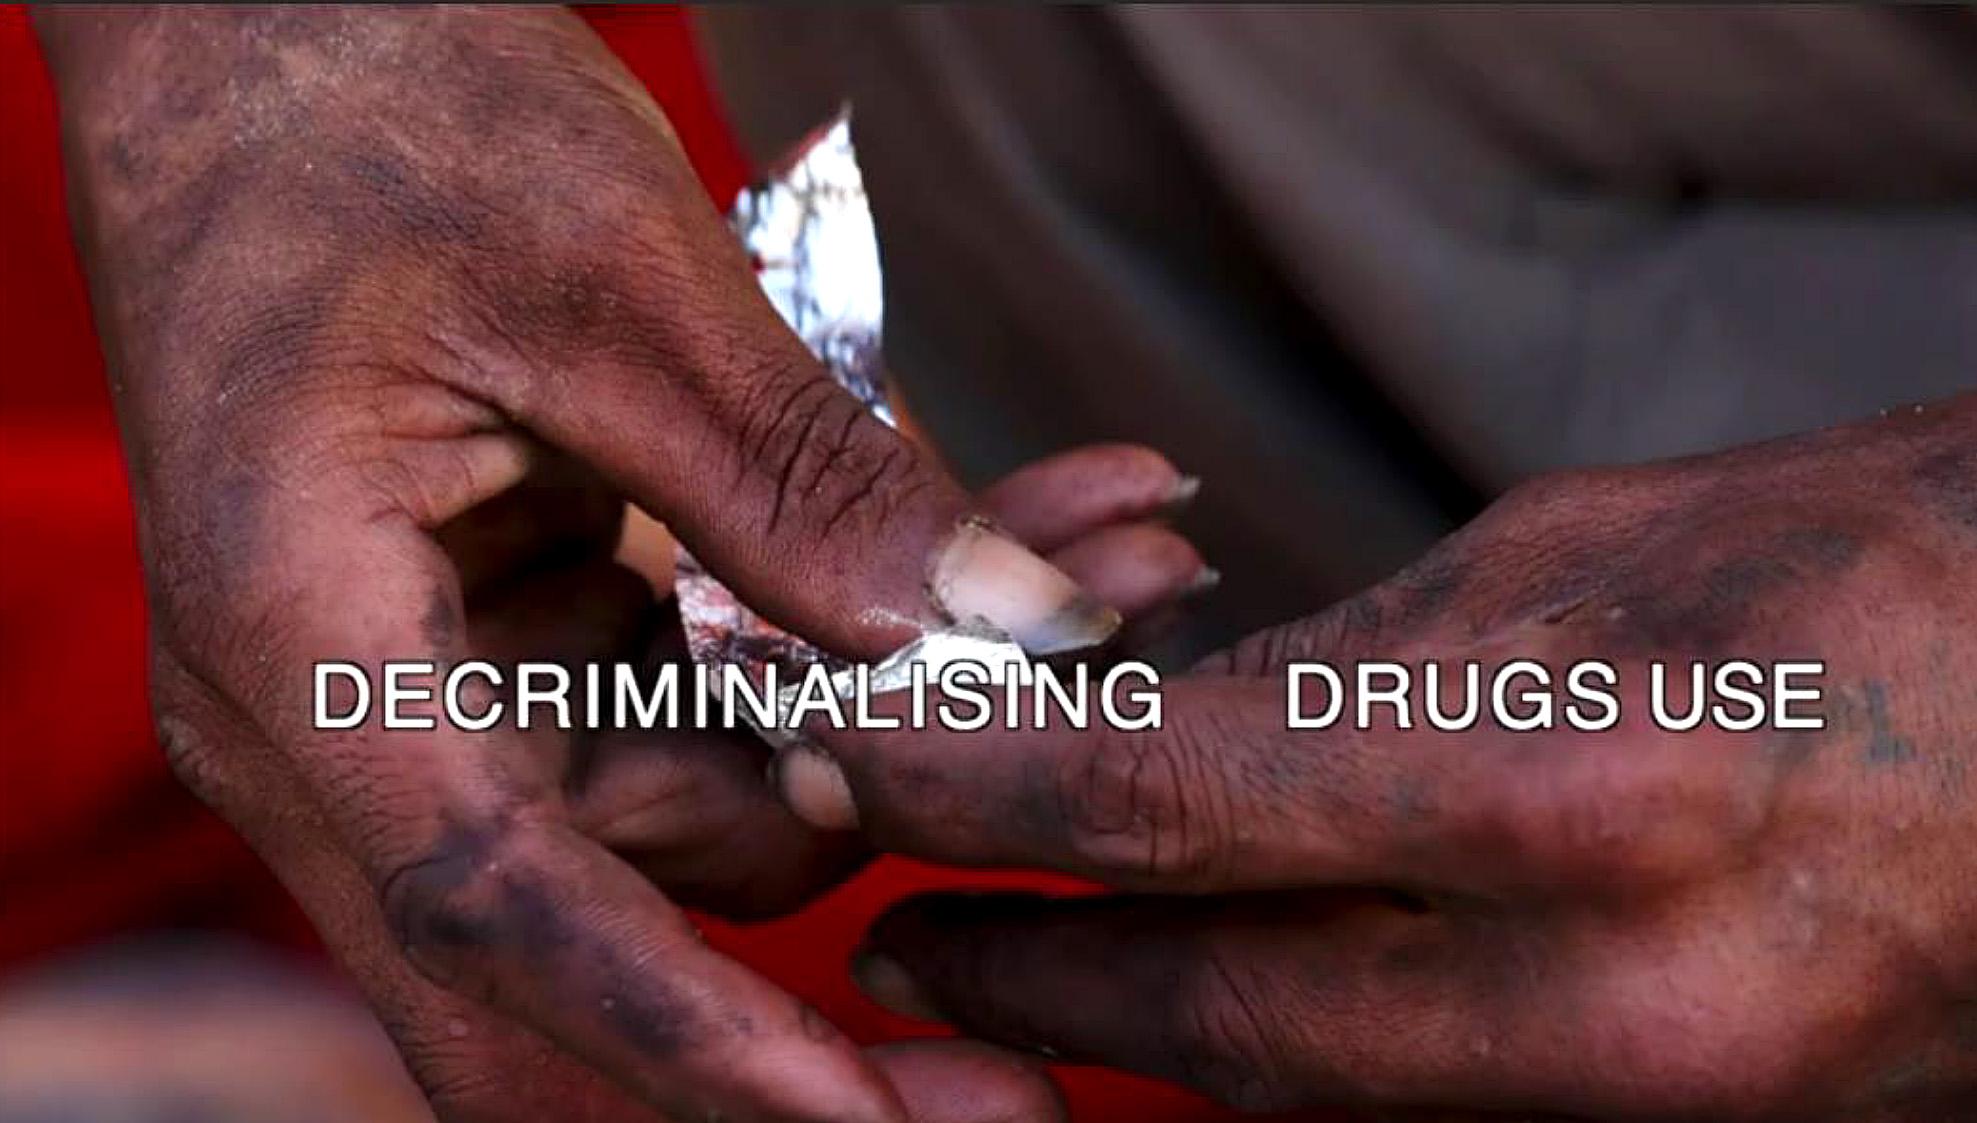 Людям, употребляющим наркотики, необходимо внимание к проблемам их здоровья, а не лишение свободы